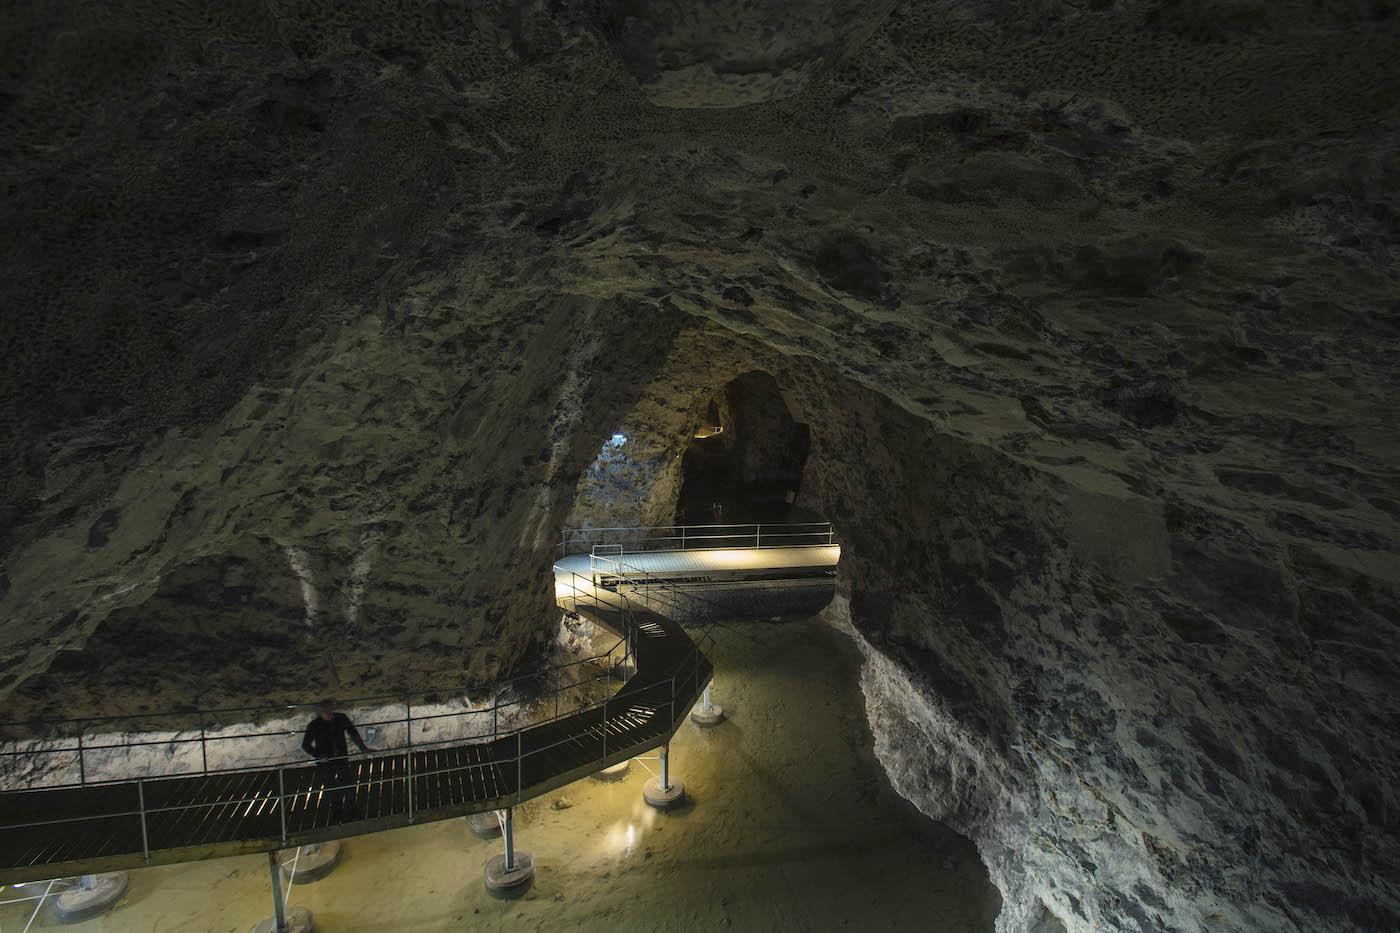 På billedet ses en nybygget træbro, der fører én sikkert gennem den smukke kulturarv i Mønsted Kalkgruber